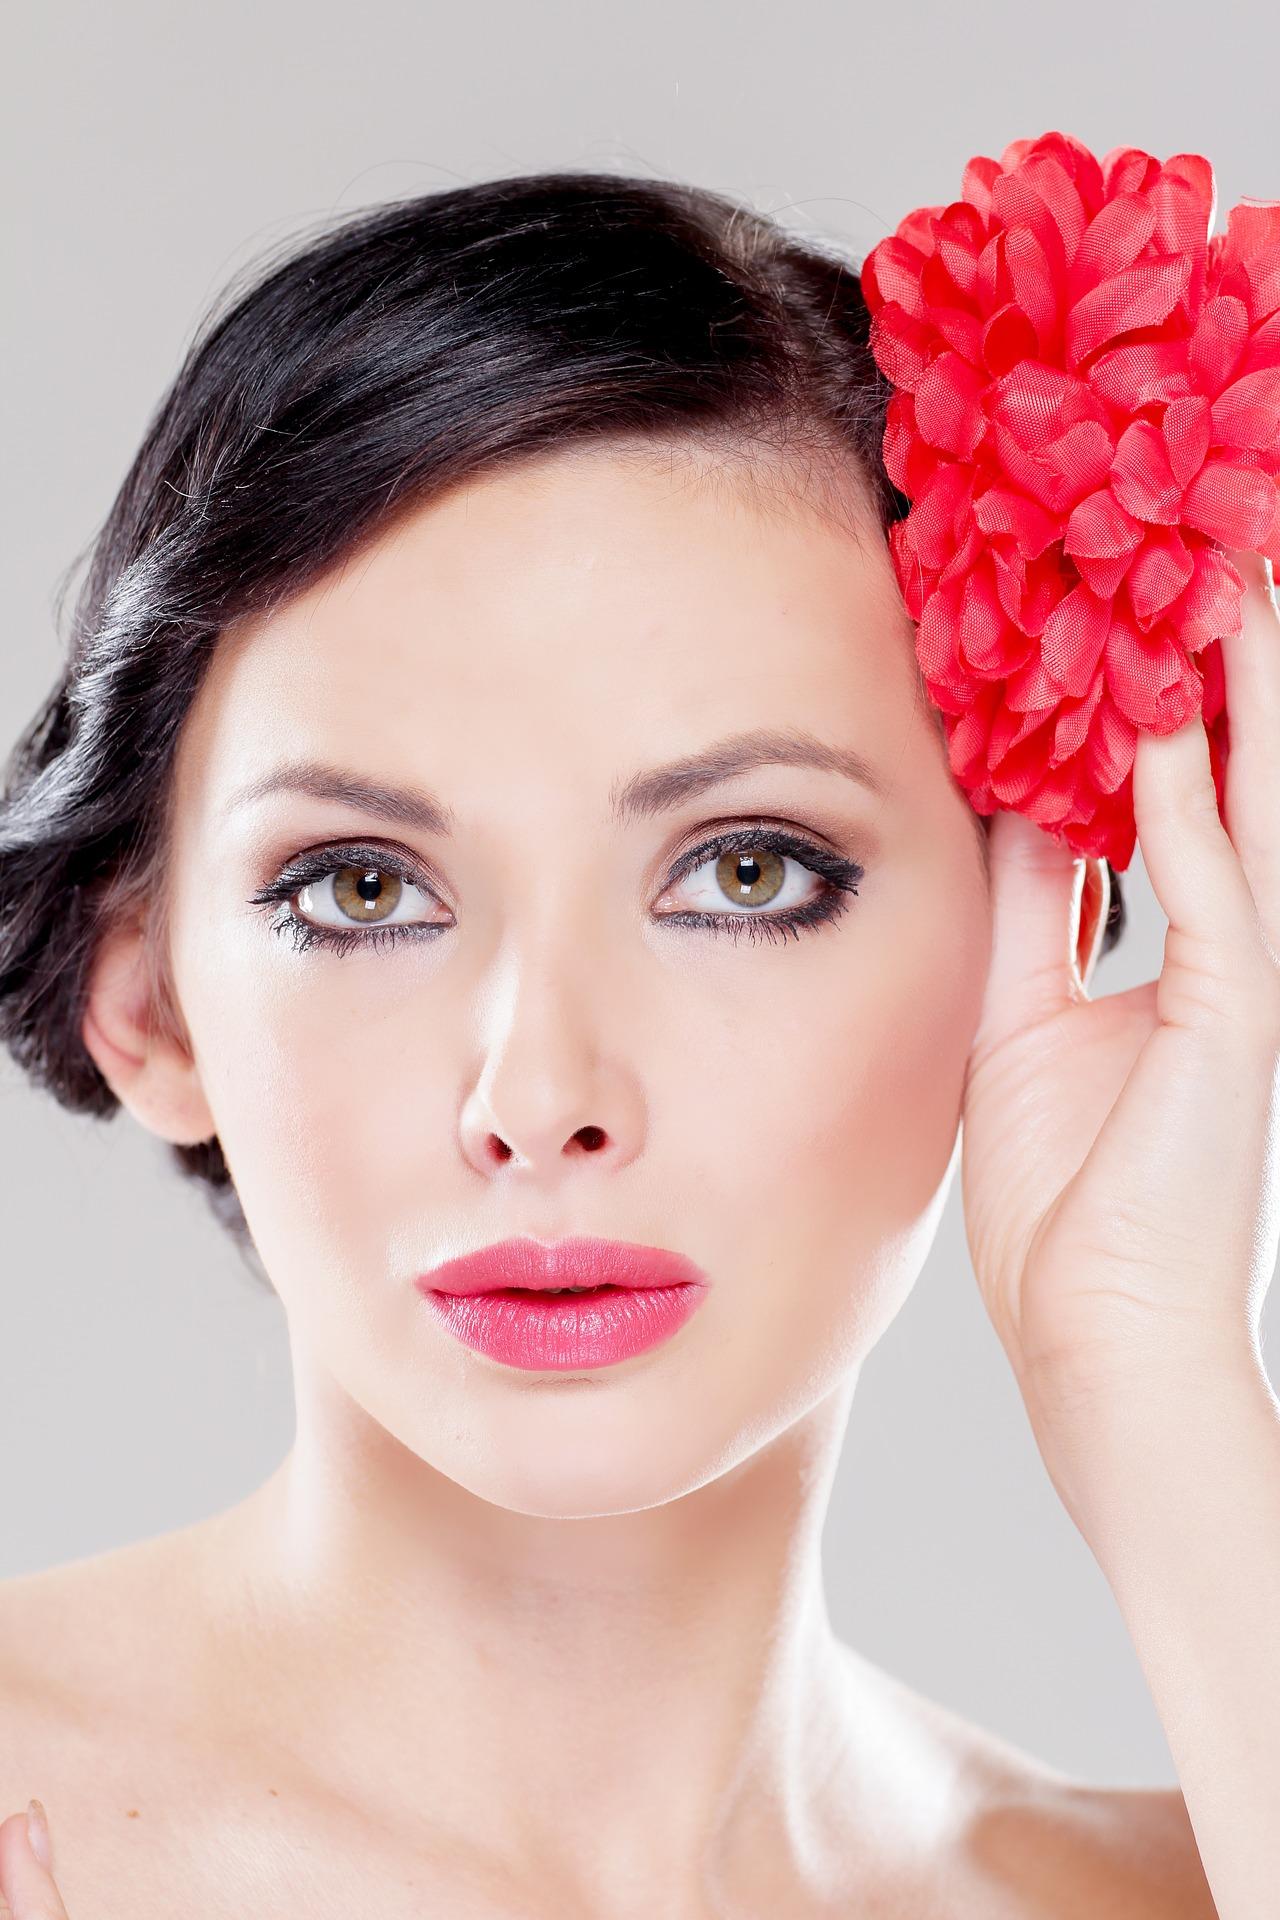 Kosmetik-Institut SKIN & BEAUTY_dekorative Kosmetik